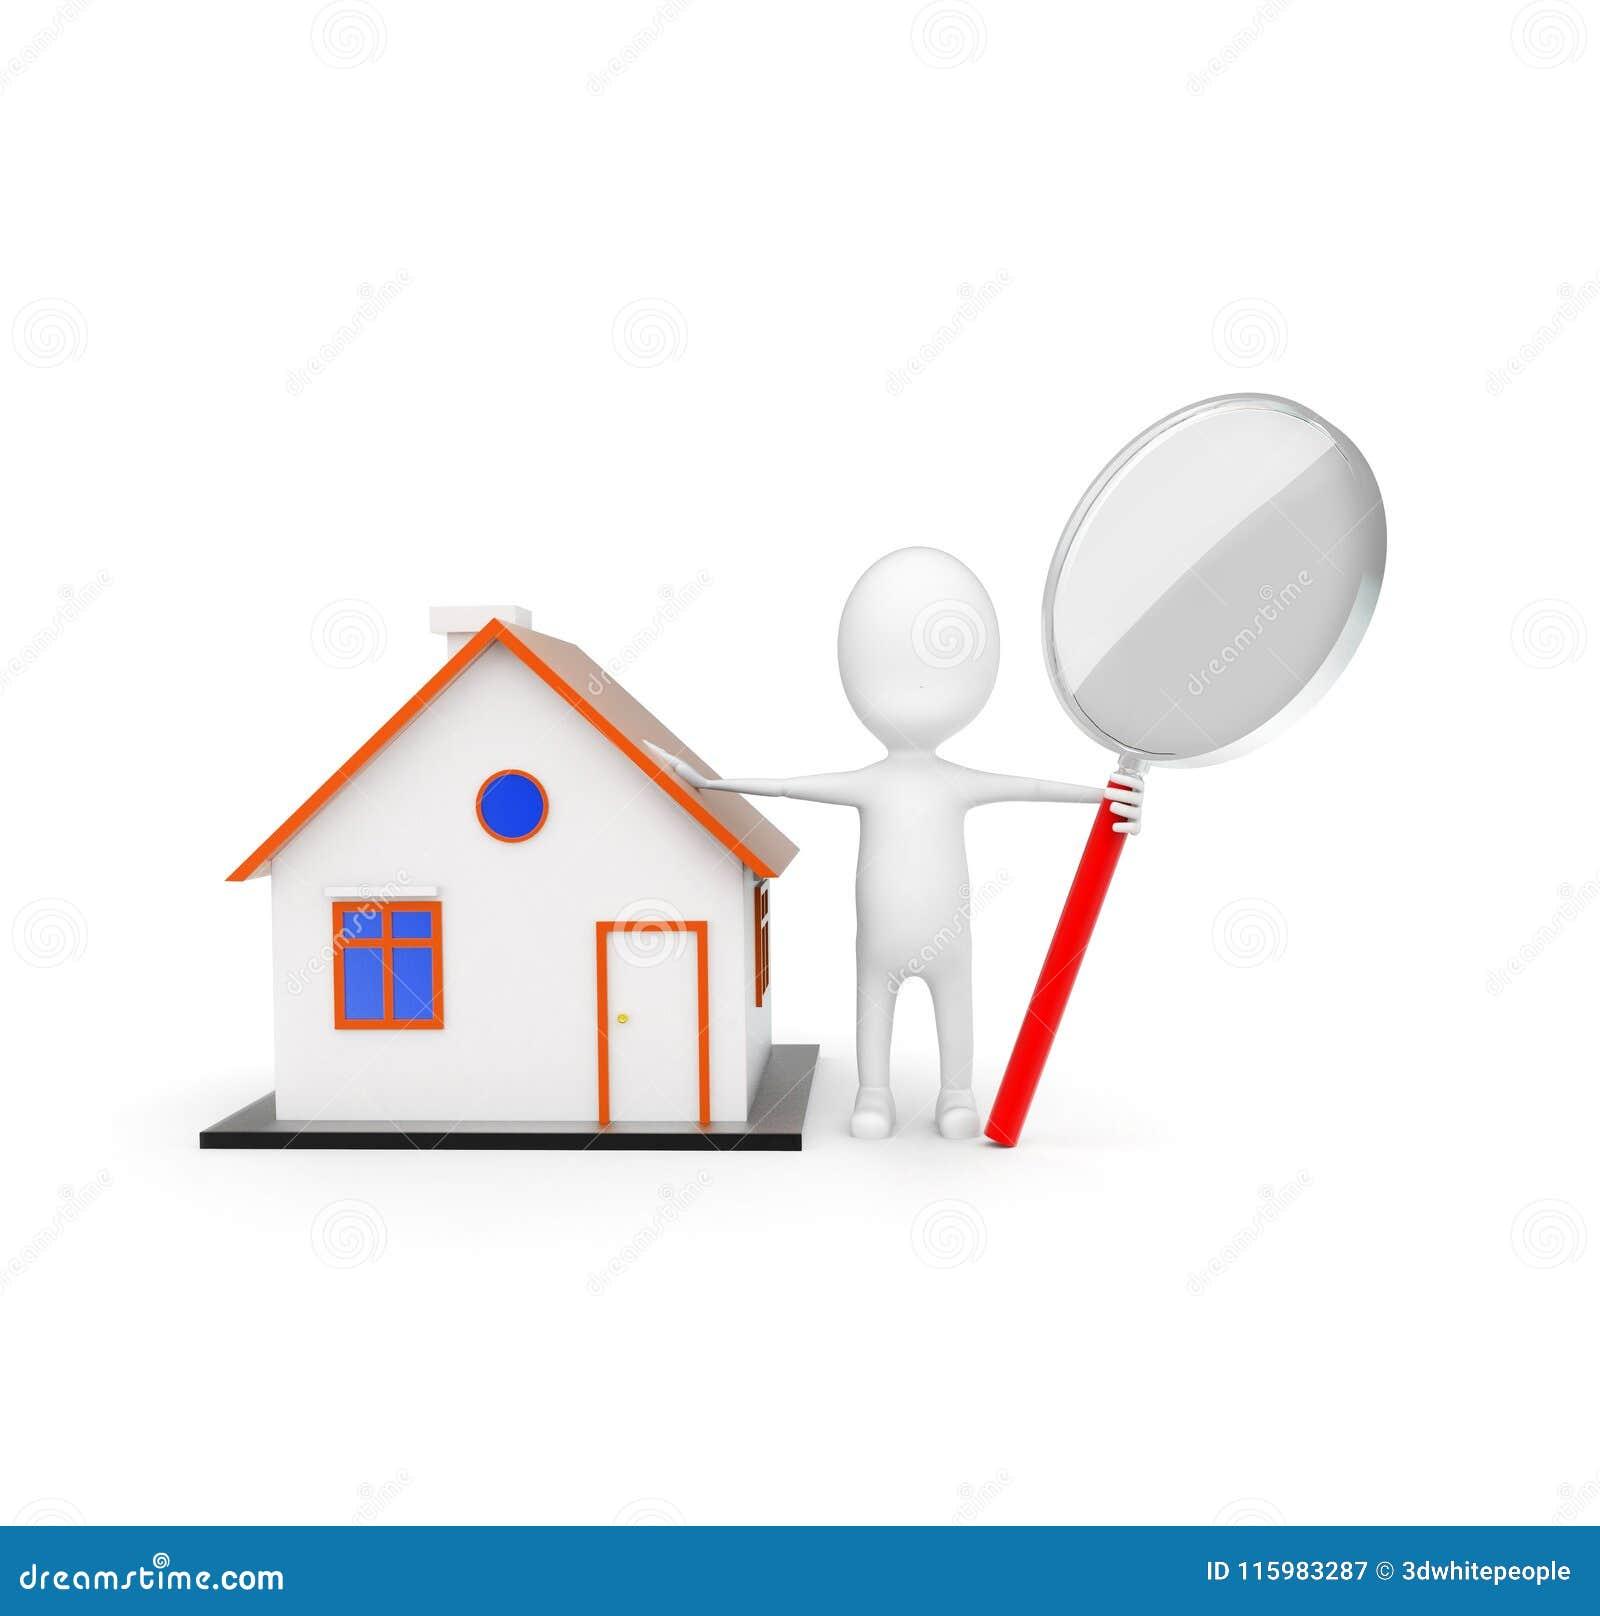 τρισδιάστατο άτομο που κρατά μια ενίσχυση - γυαλί πλησίον σε μια μικρή έννοια σπιτιών